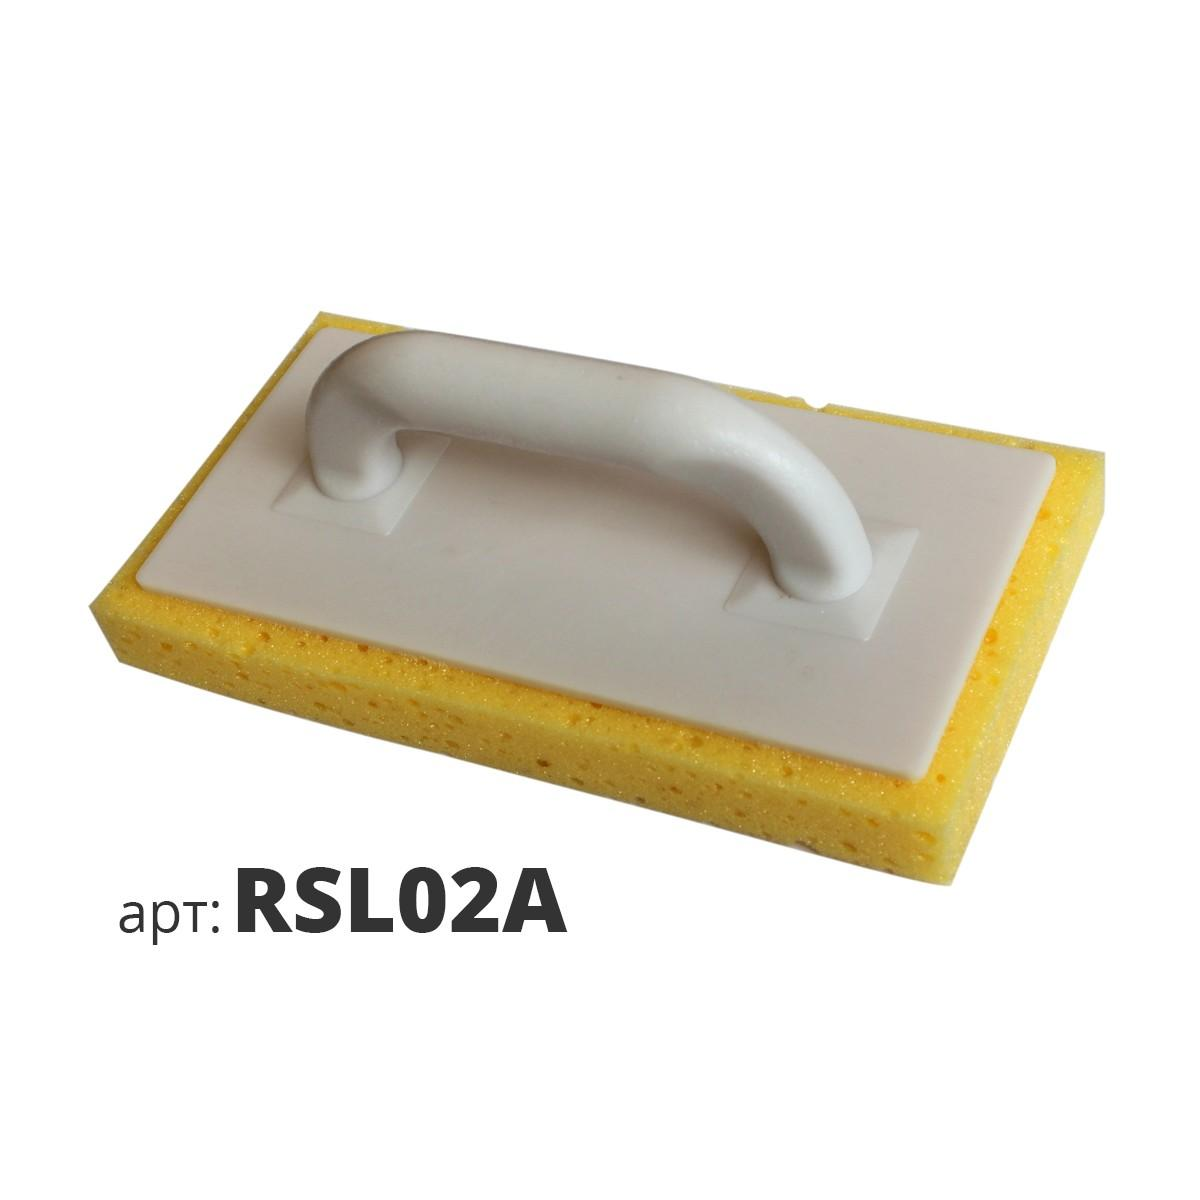 Терка пластиковая с основой из желтой поролоновой губки RSL02A